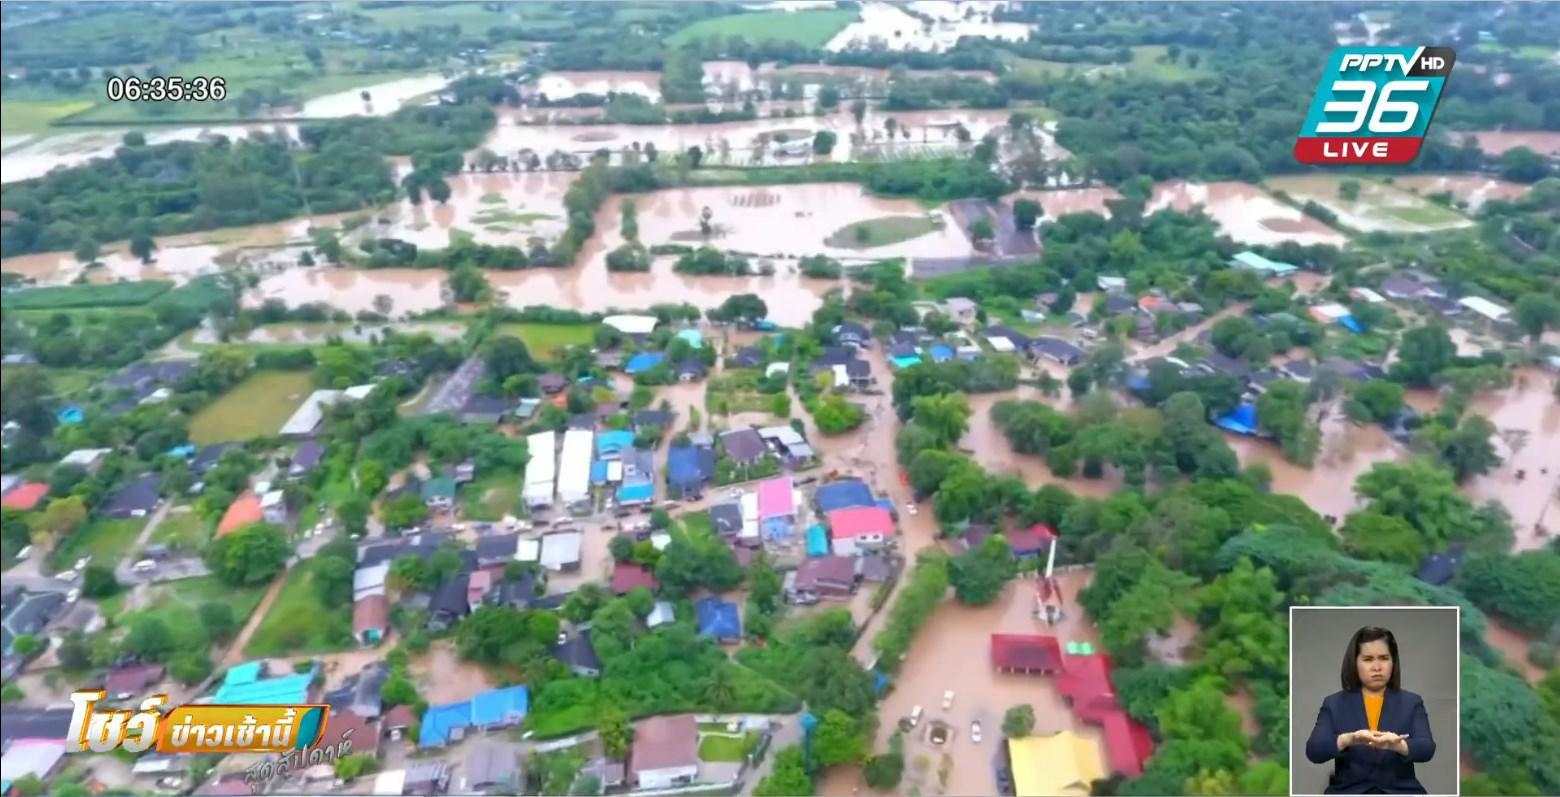 ปากช่อง เร่งอพยพชาวบ้าน หลังน้ำป่าทะลักเข้าบ้านเรือน